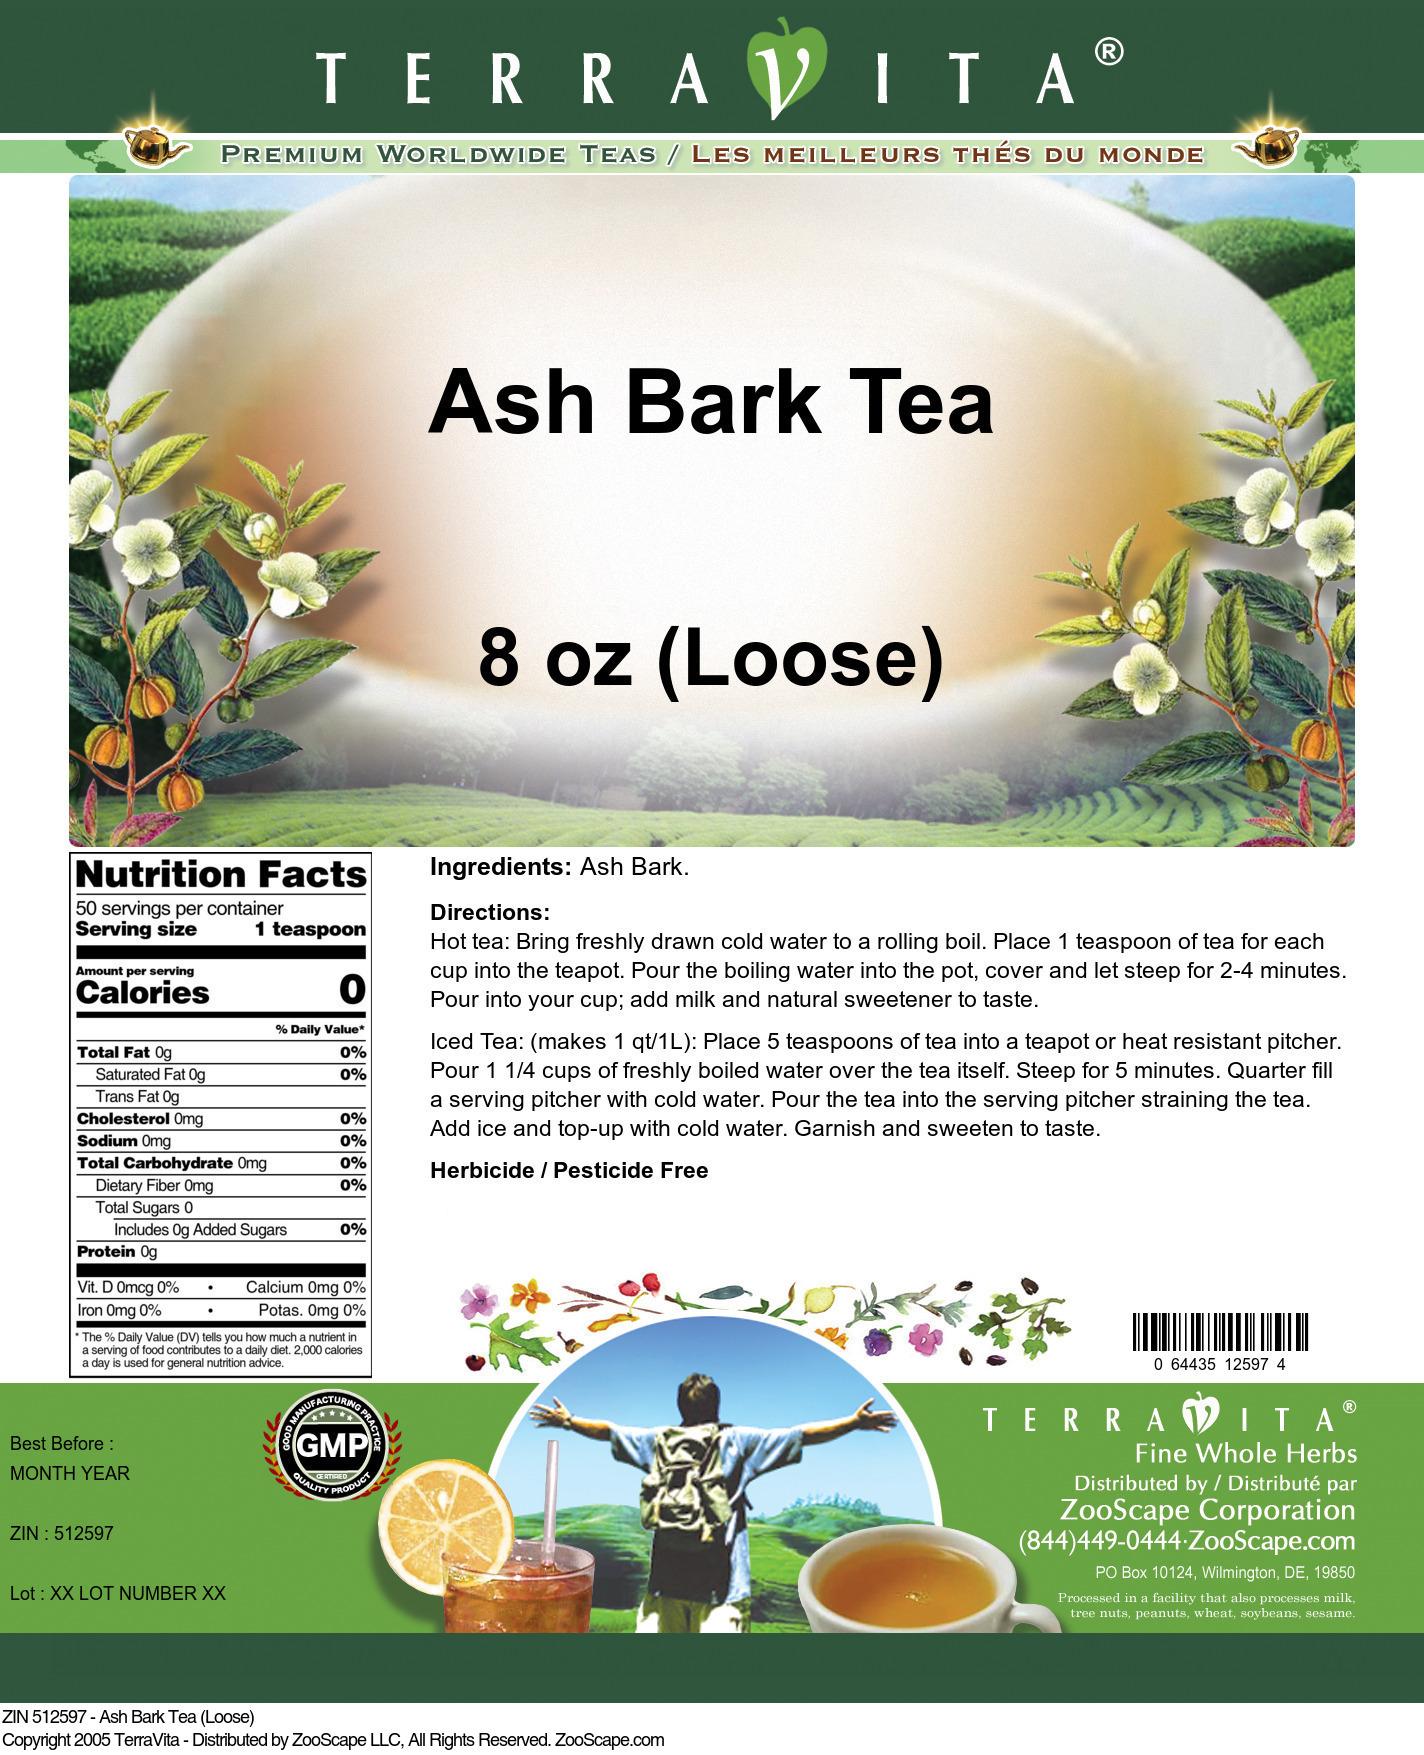 Ash Bark